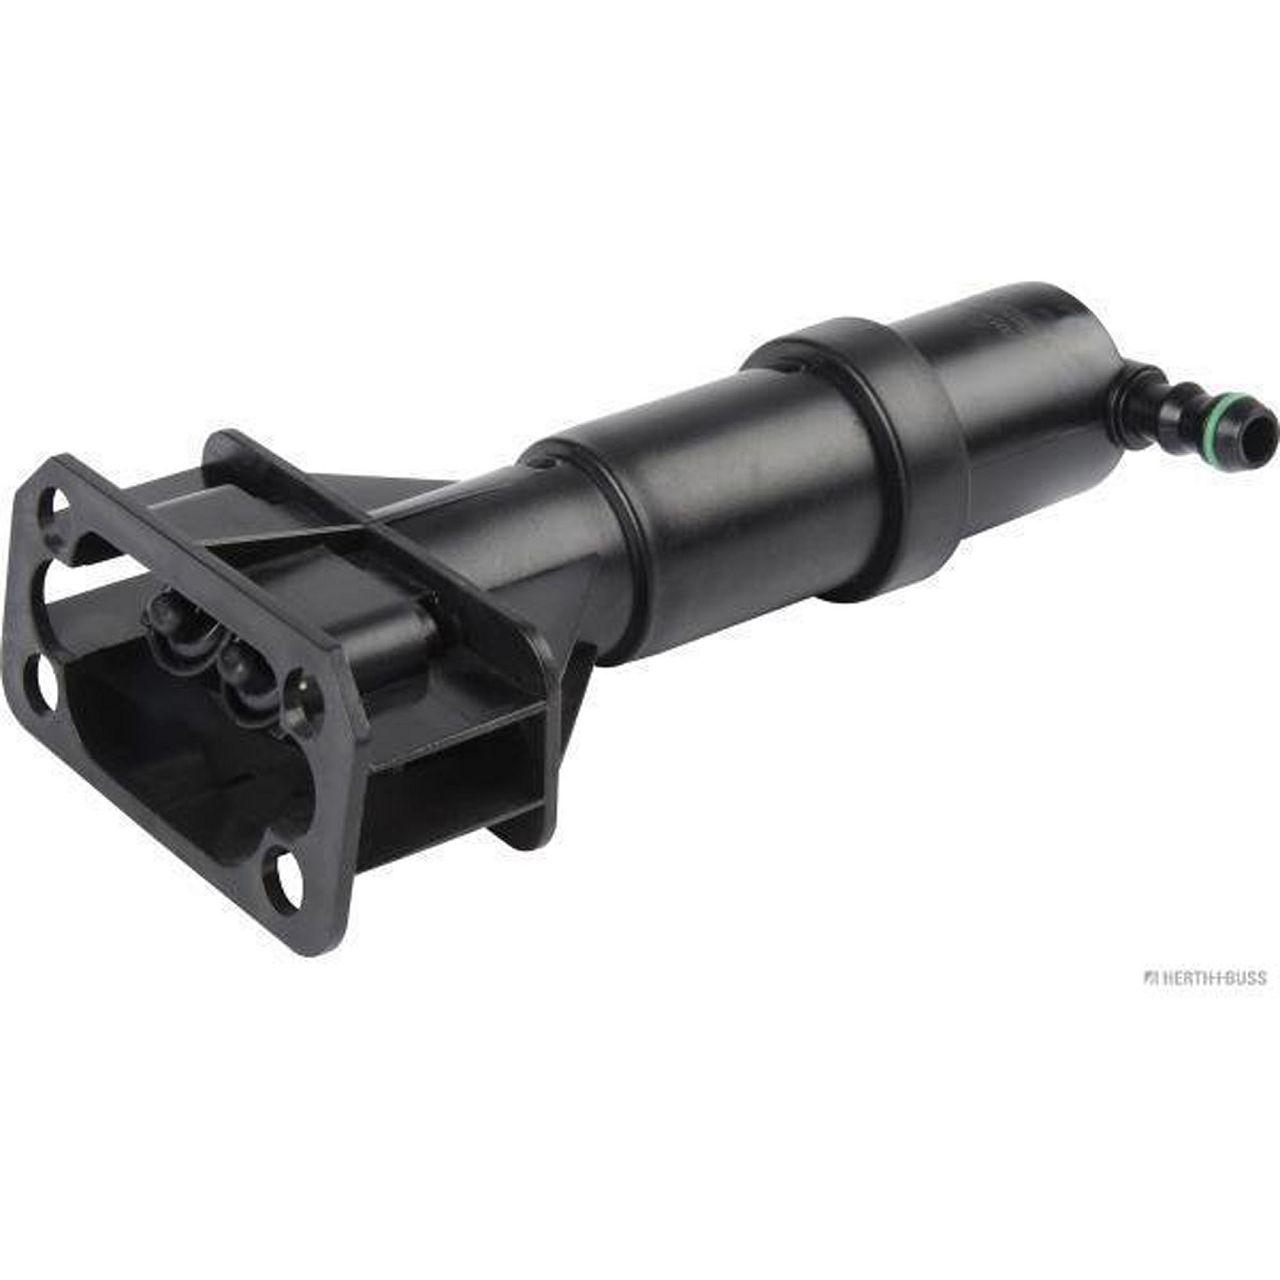 HERTH+BUSS ELPARTS Front- Waschwasserdüse Scheinwerfer für AUDI A6 (4B C5) vorne